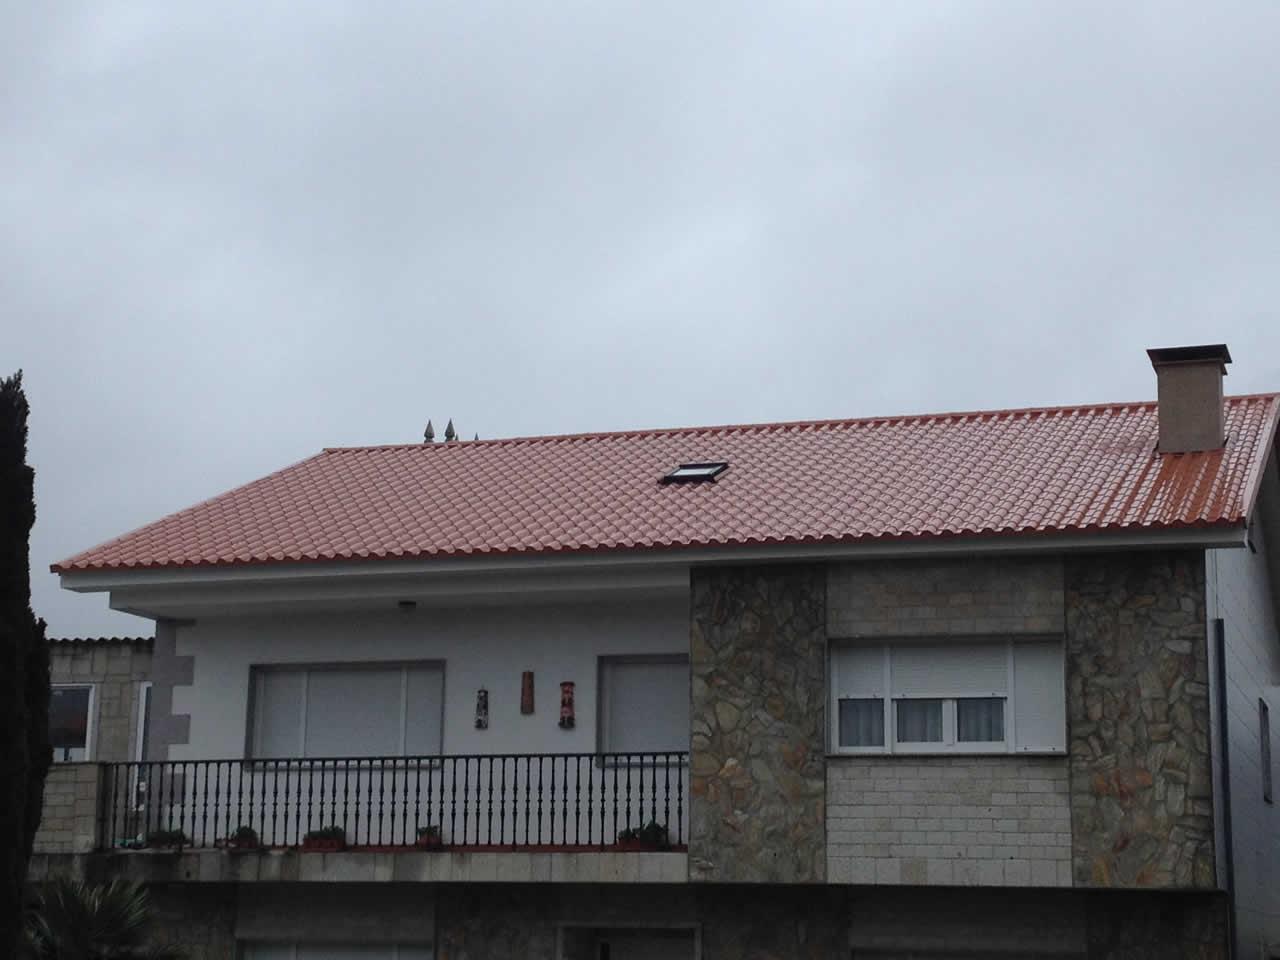 Montaje de Cubierta a dos aguas en Panel Teja, en Barrantes